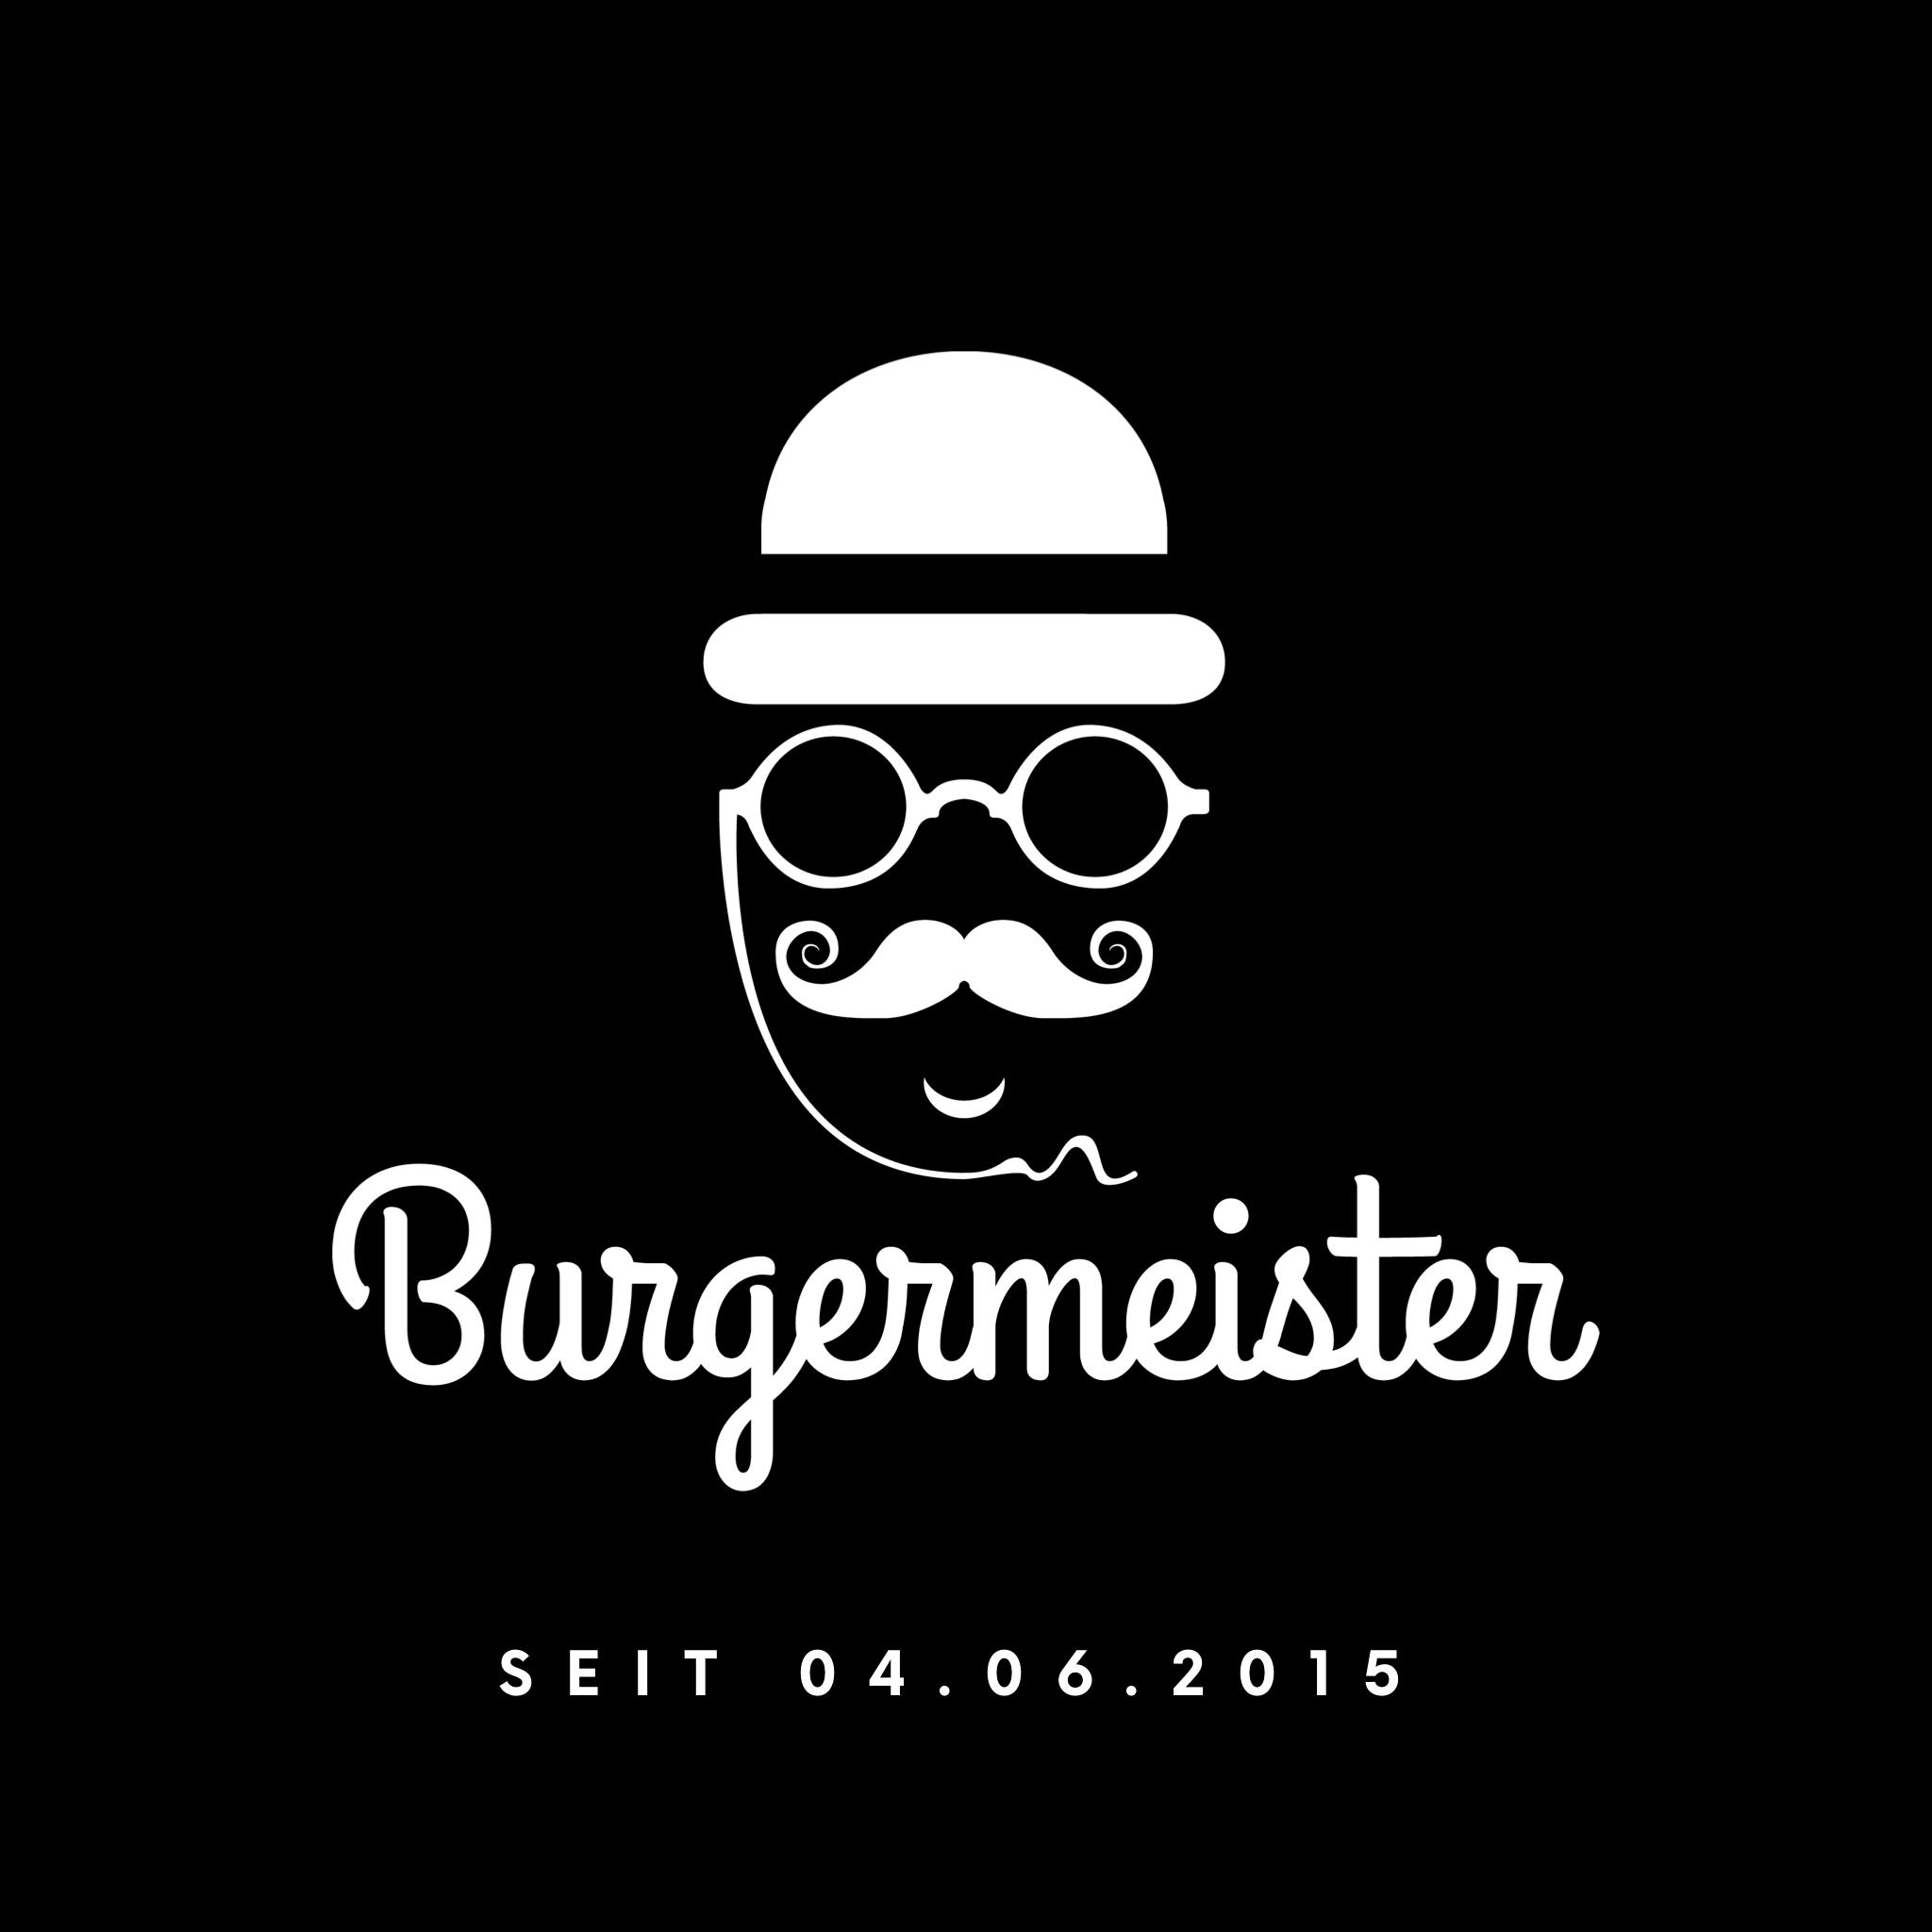 Logo von Burgermeister